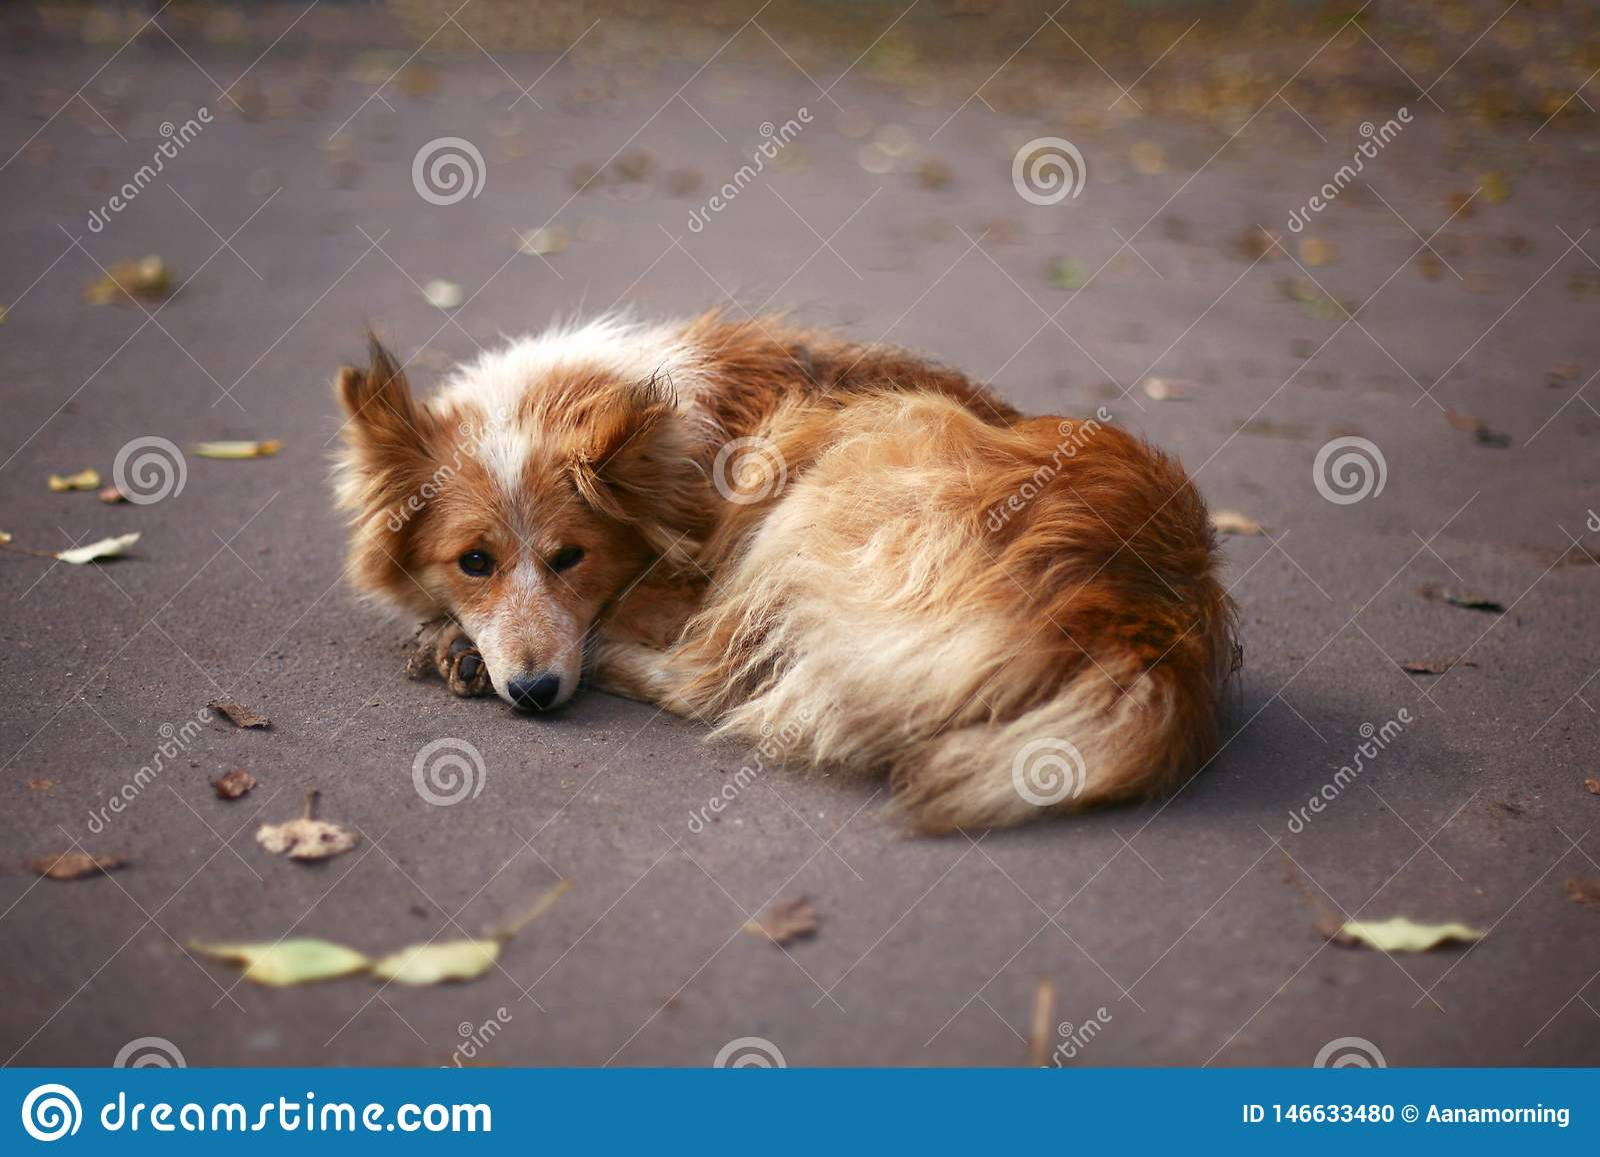 Retrato del perro mullido en el parque en otoño